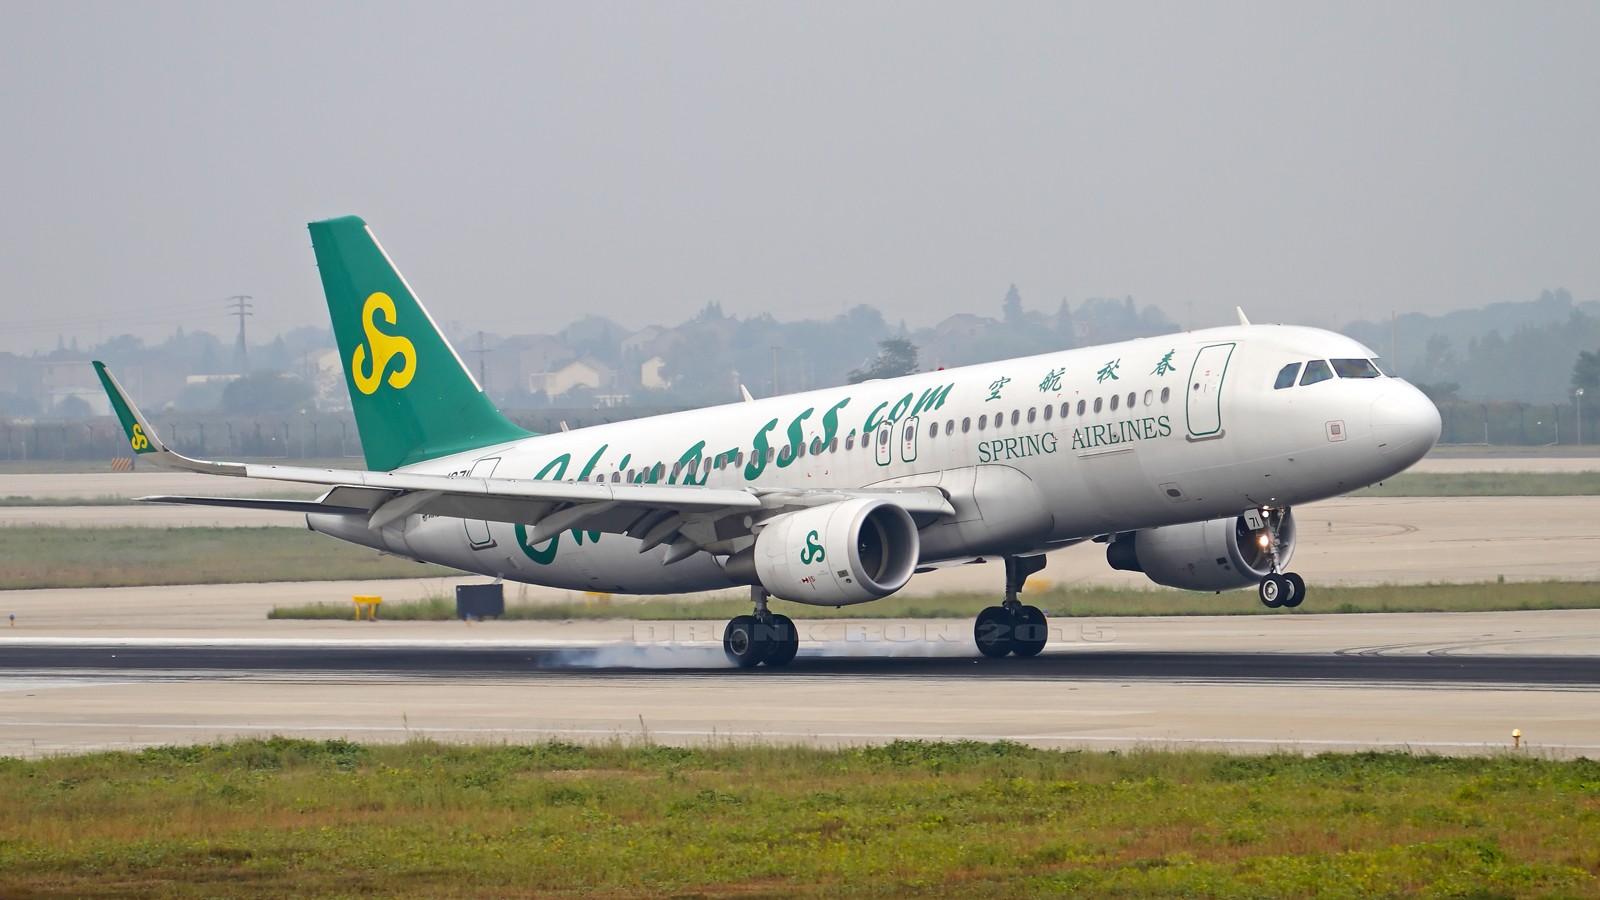 Re:[原创]NKG~周日去的多~这次周六去的~ AIRBUS A320-200 B-1671 中国南京禄口国际机场